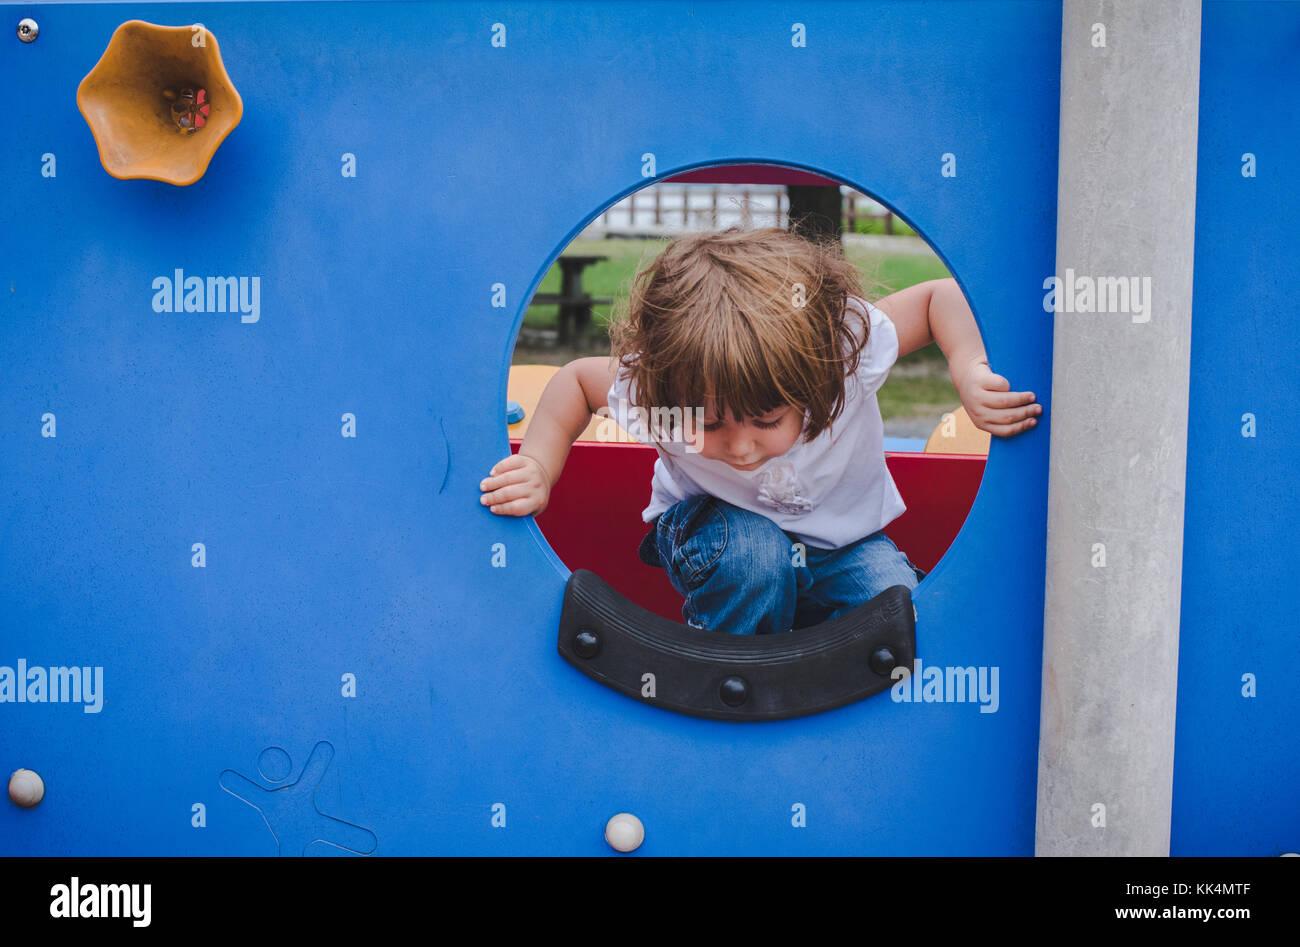 Una bambina si arrampica sulle attrezzature per parchi giochi sul giorno di estate Immagini Stock